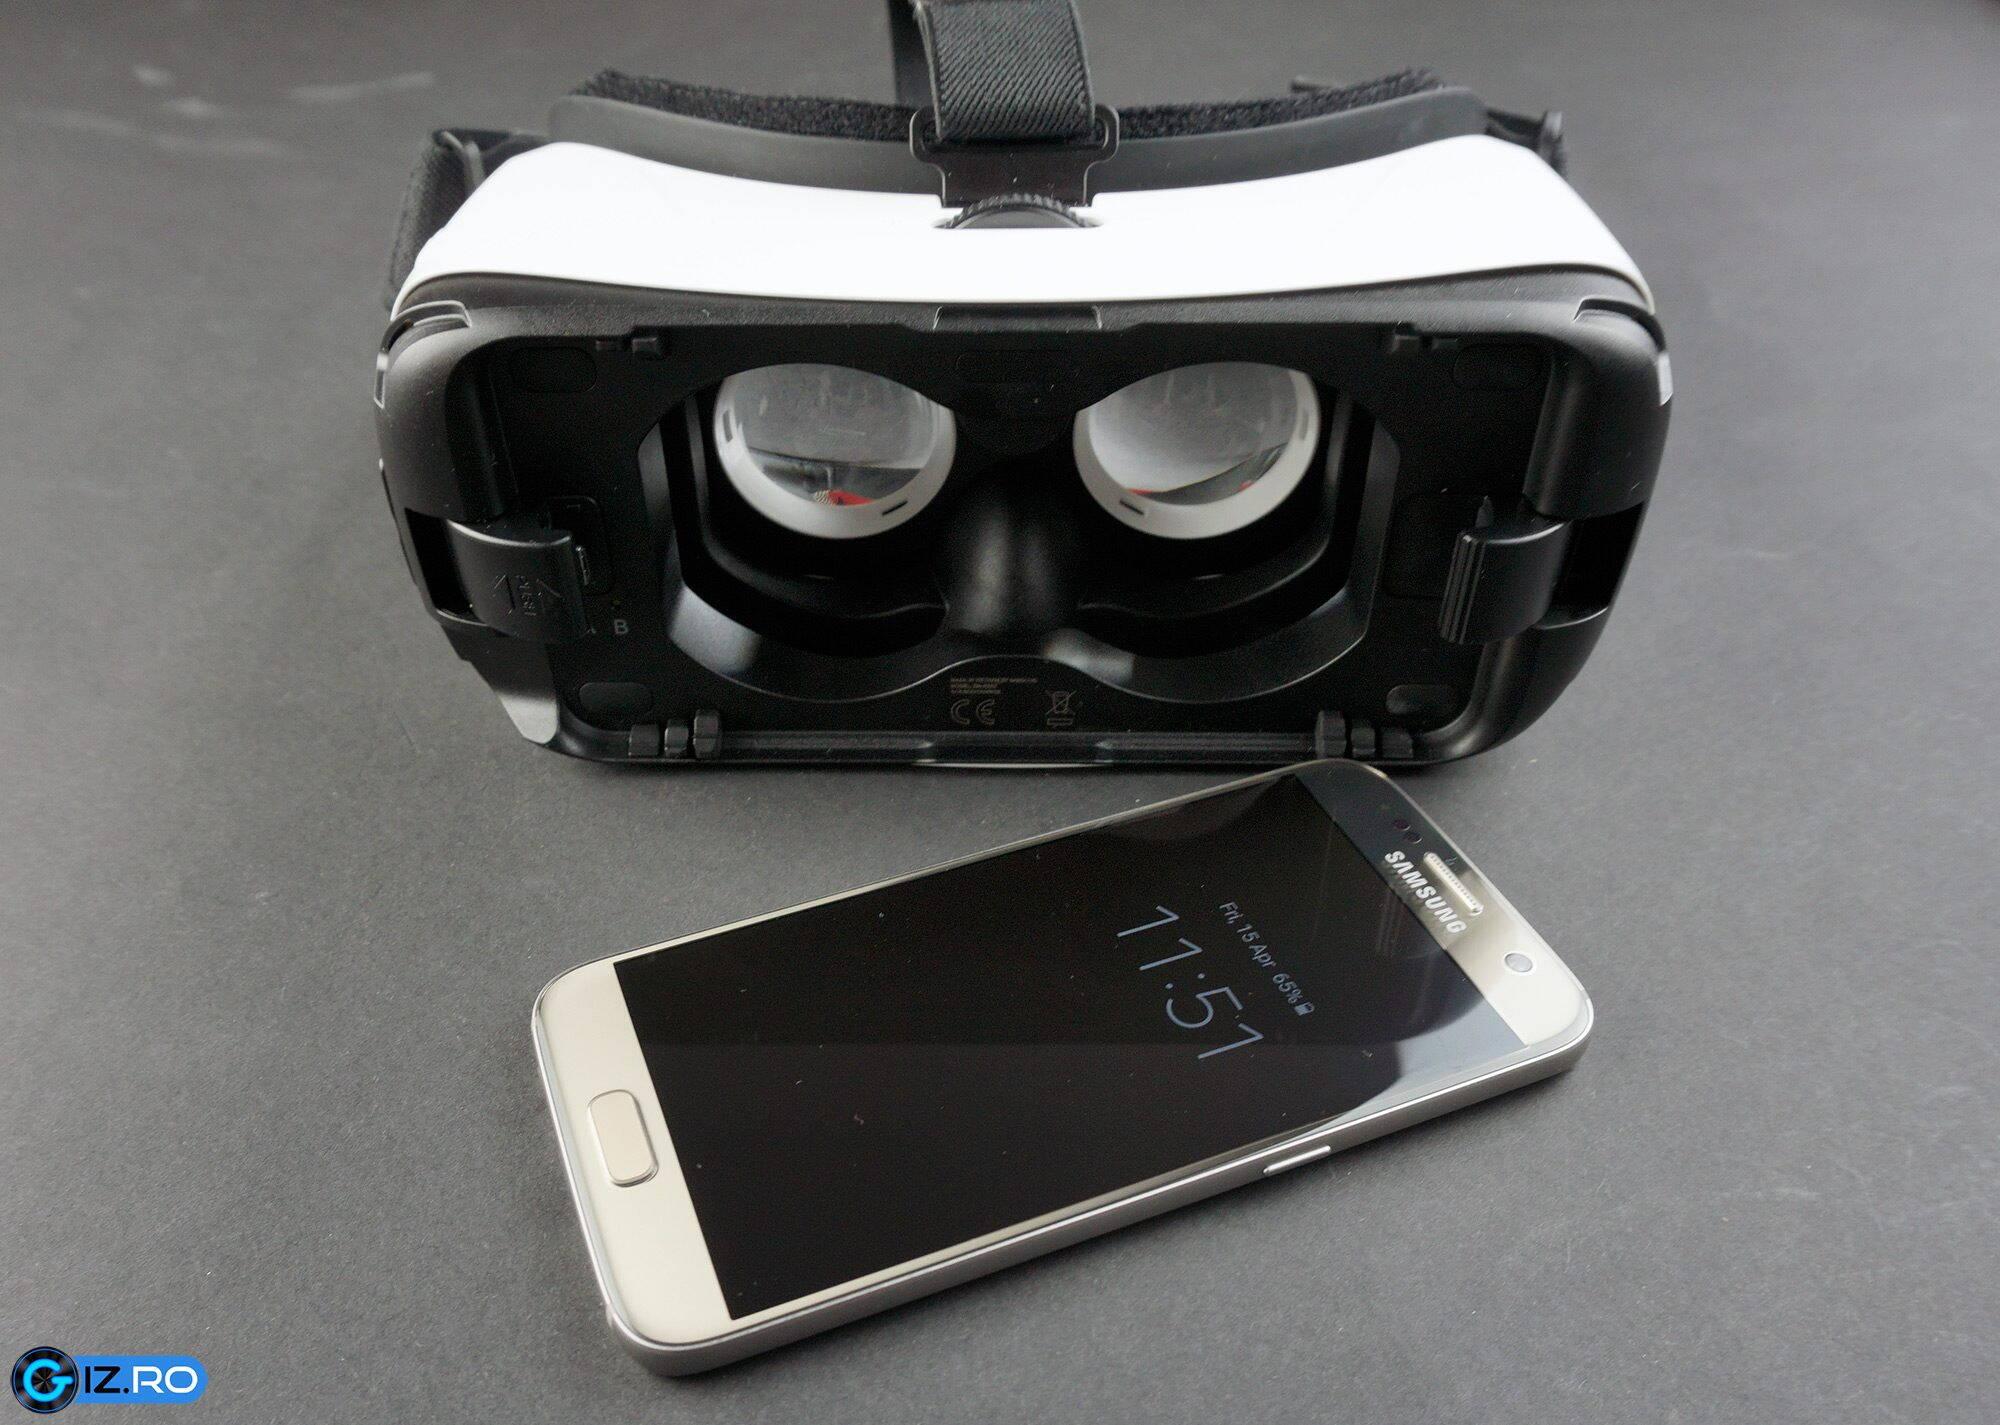 Galaxy Gear este compatibil cu o gama limitata de smartphone-uri Samsung